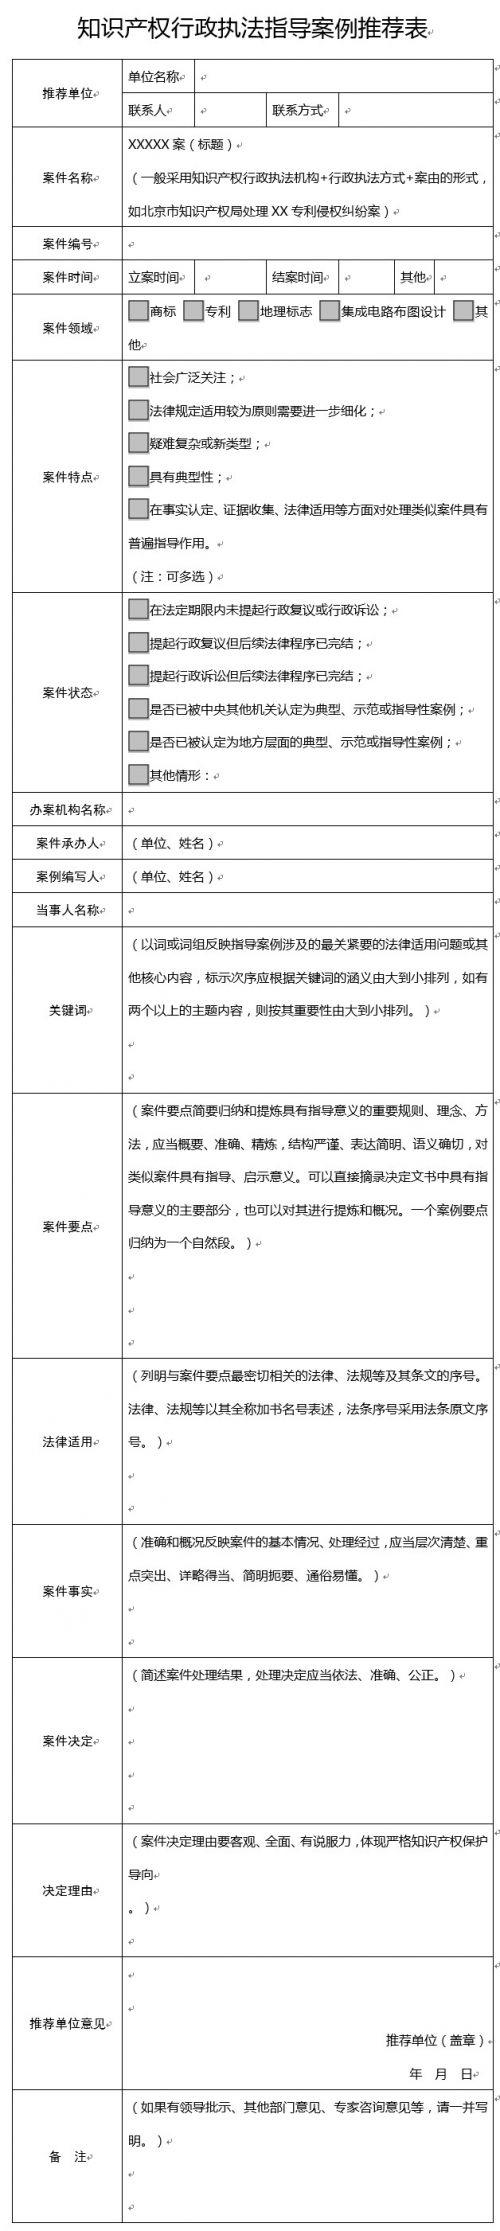 国家知识产权局印发通知,征集知识产权行政执法执法案例1